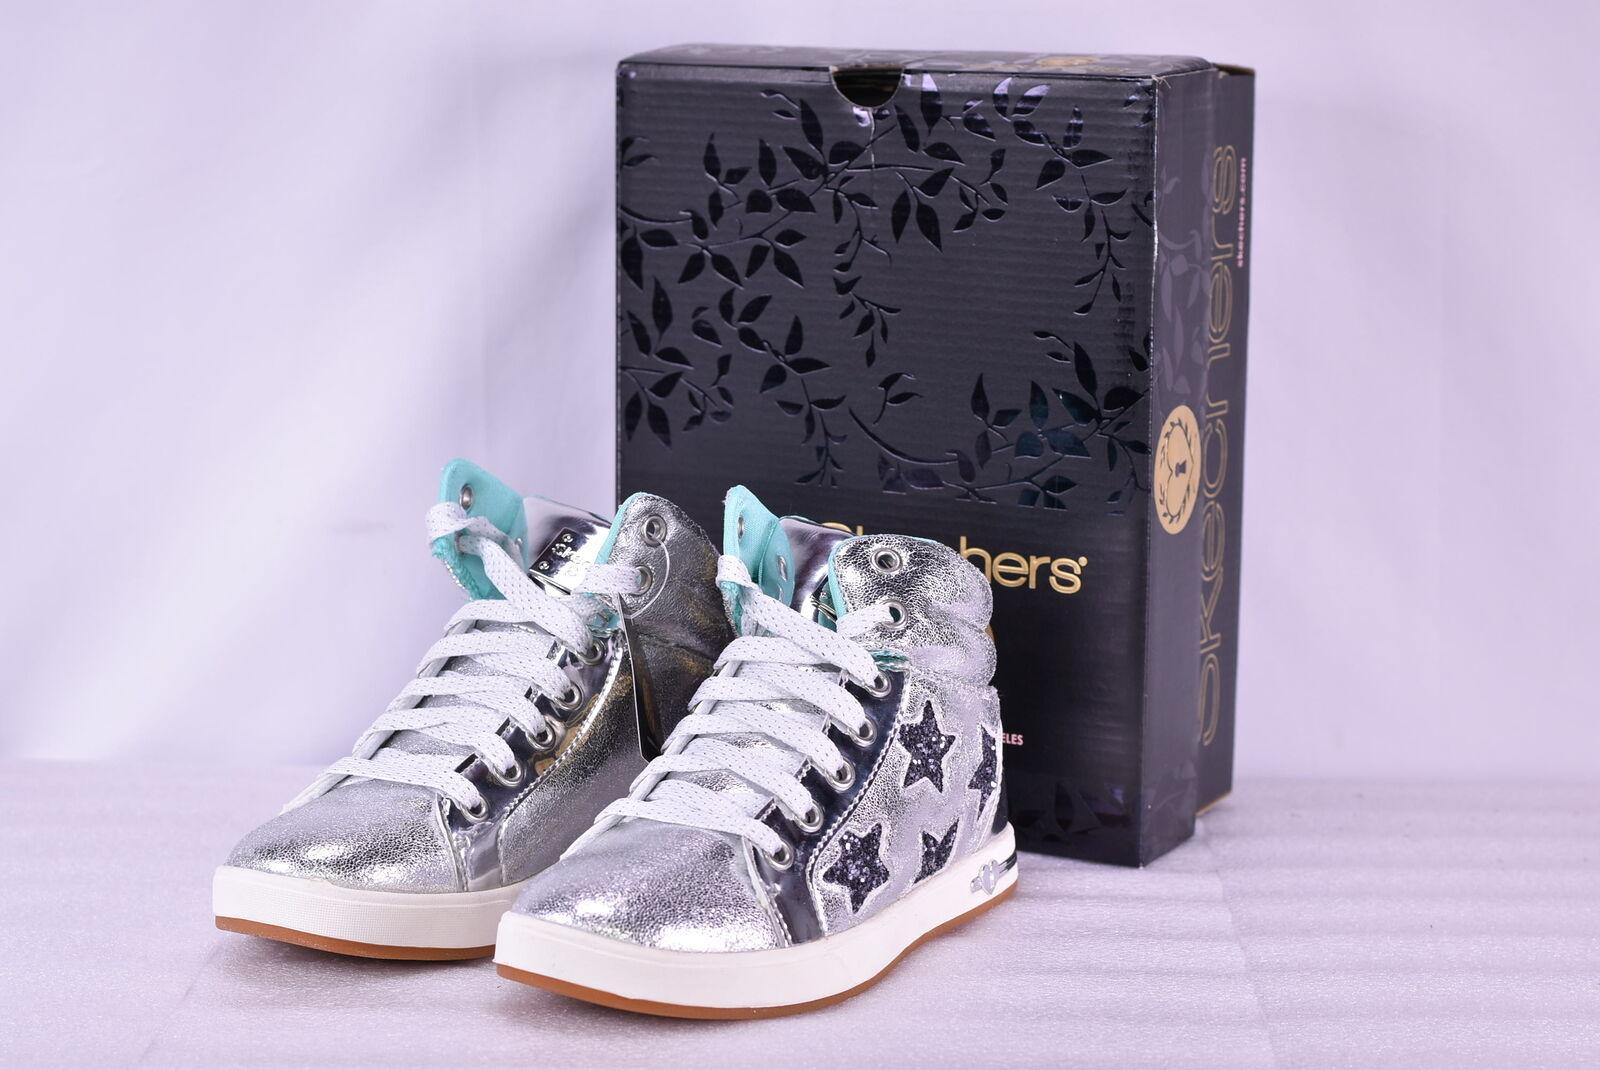 2c8075bf78da9 Girl Youth Skechers Shoutouts Starry Shine Hi Top Shoes 84320l/sil 2